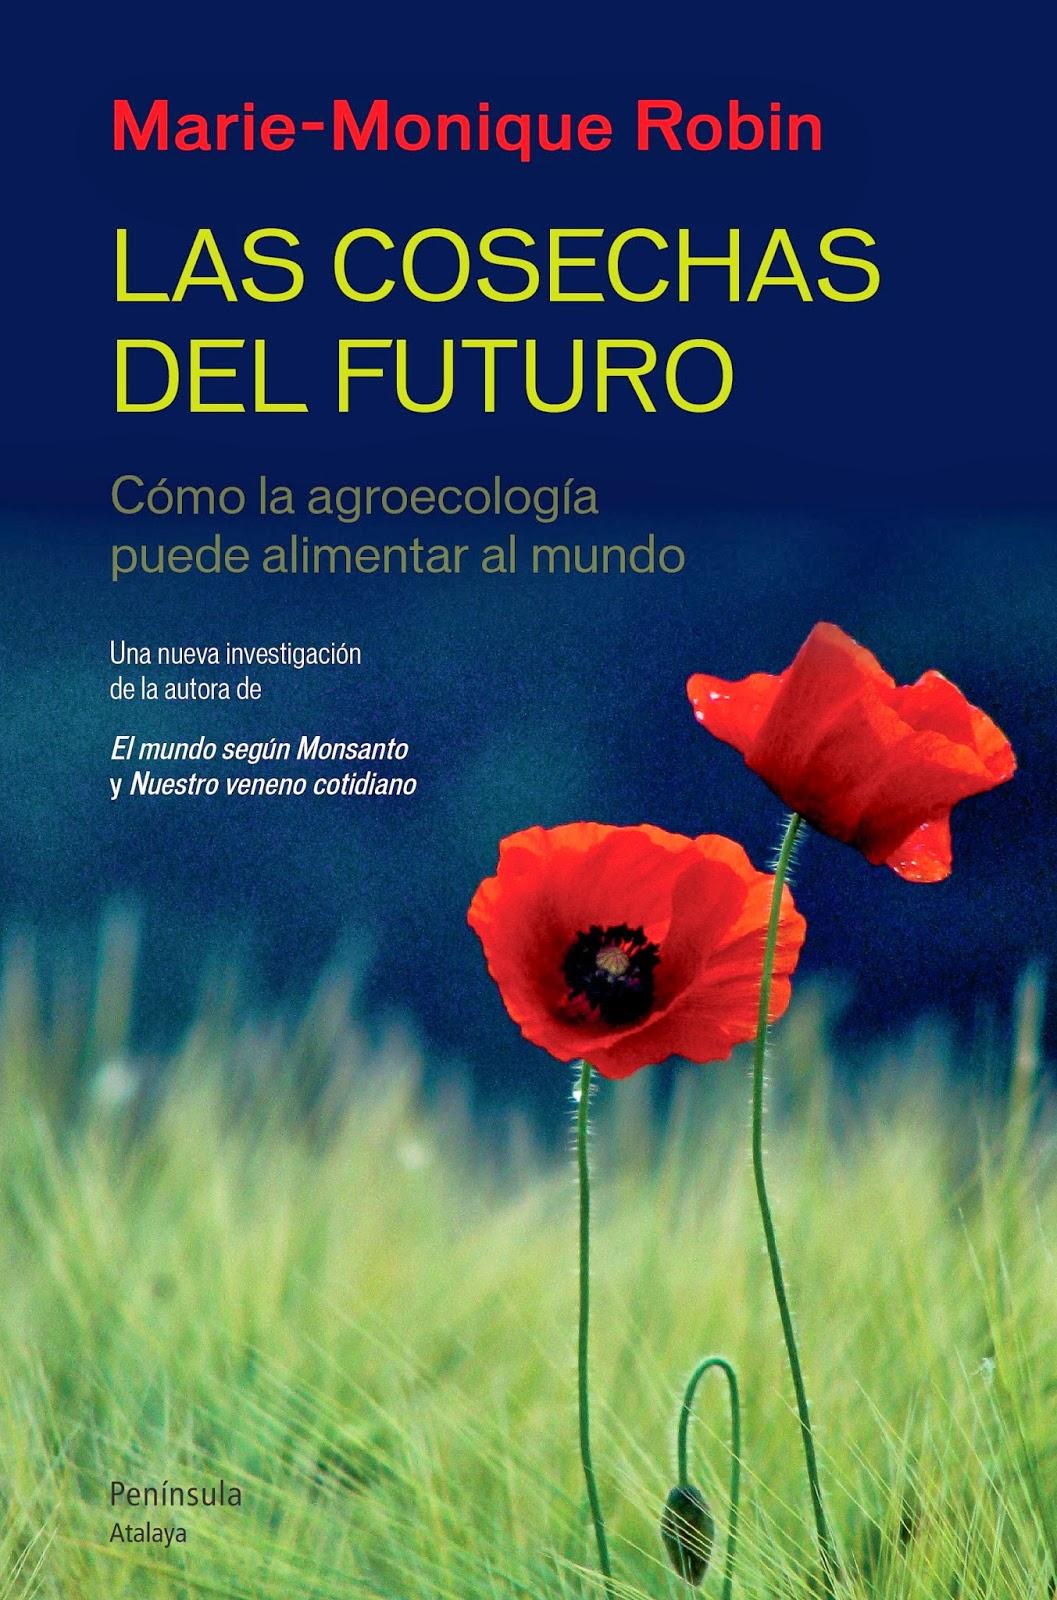 Las cosechas del futuro (Les moissons du futur) (2013)